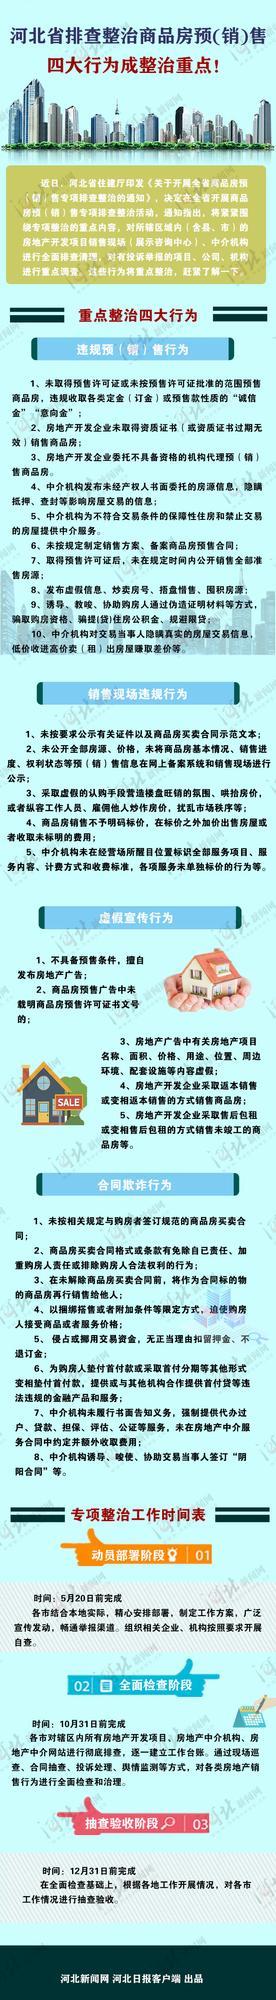 河北省排查整治商品房预(销)售 4大行为成整治重点!